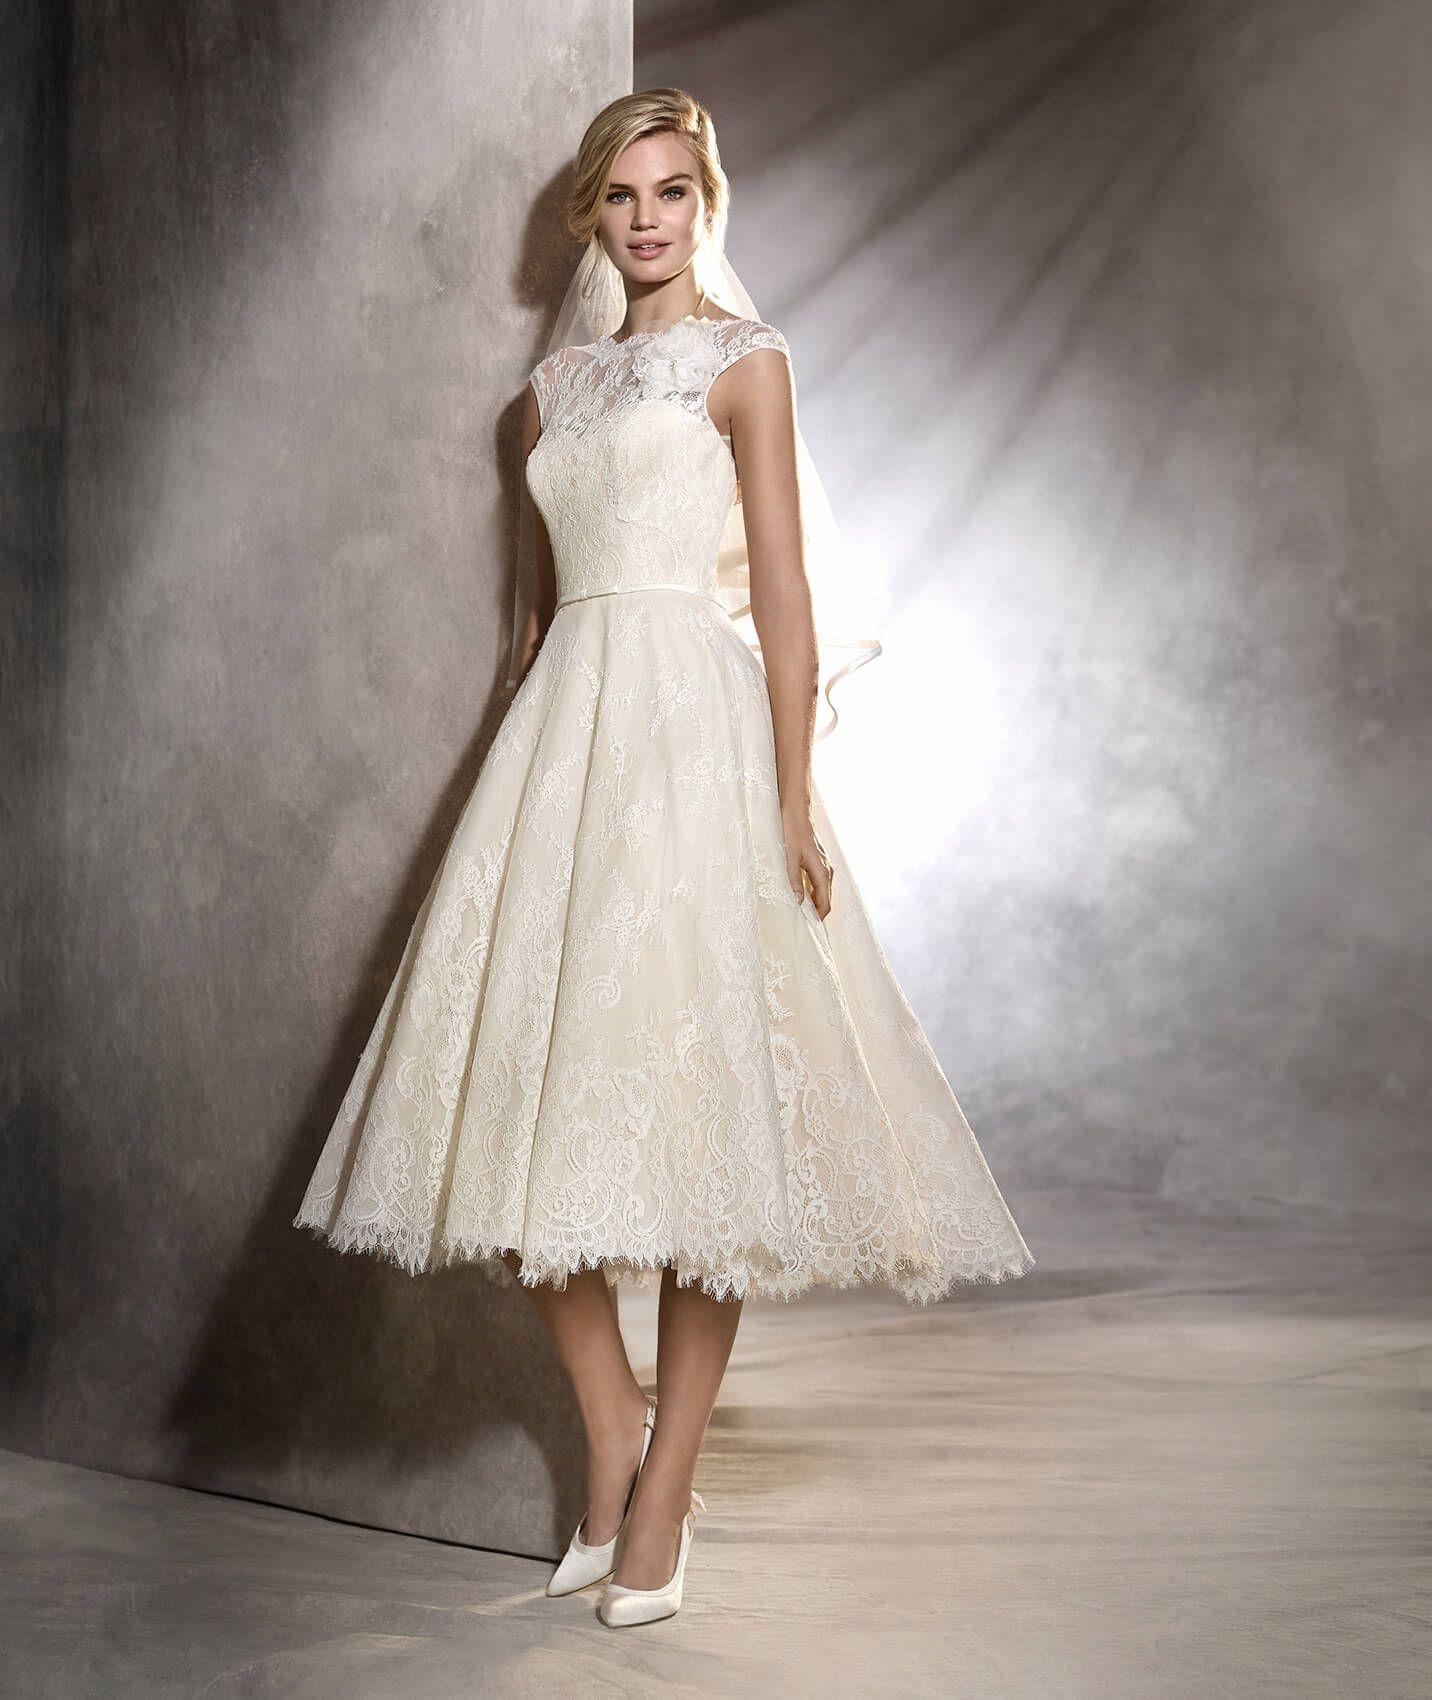 501bcb1c90 OLGA - Vestido de novia de encaje estilo vintage